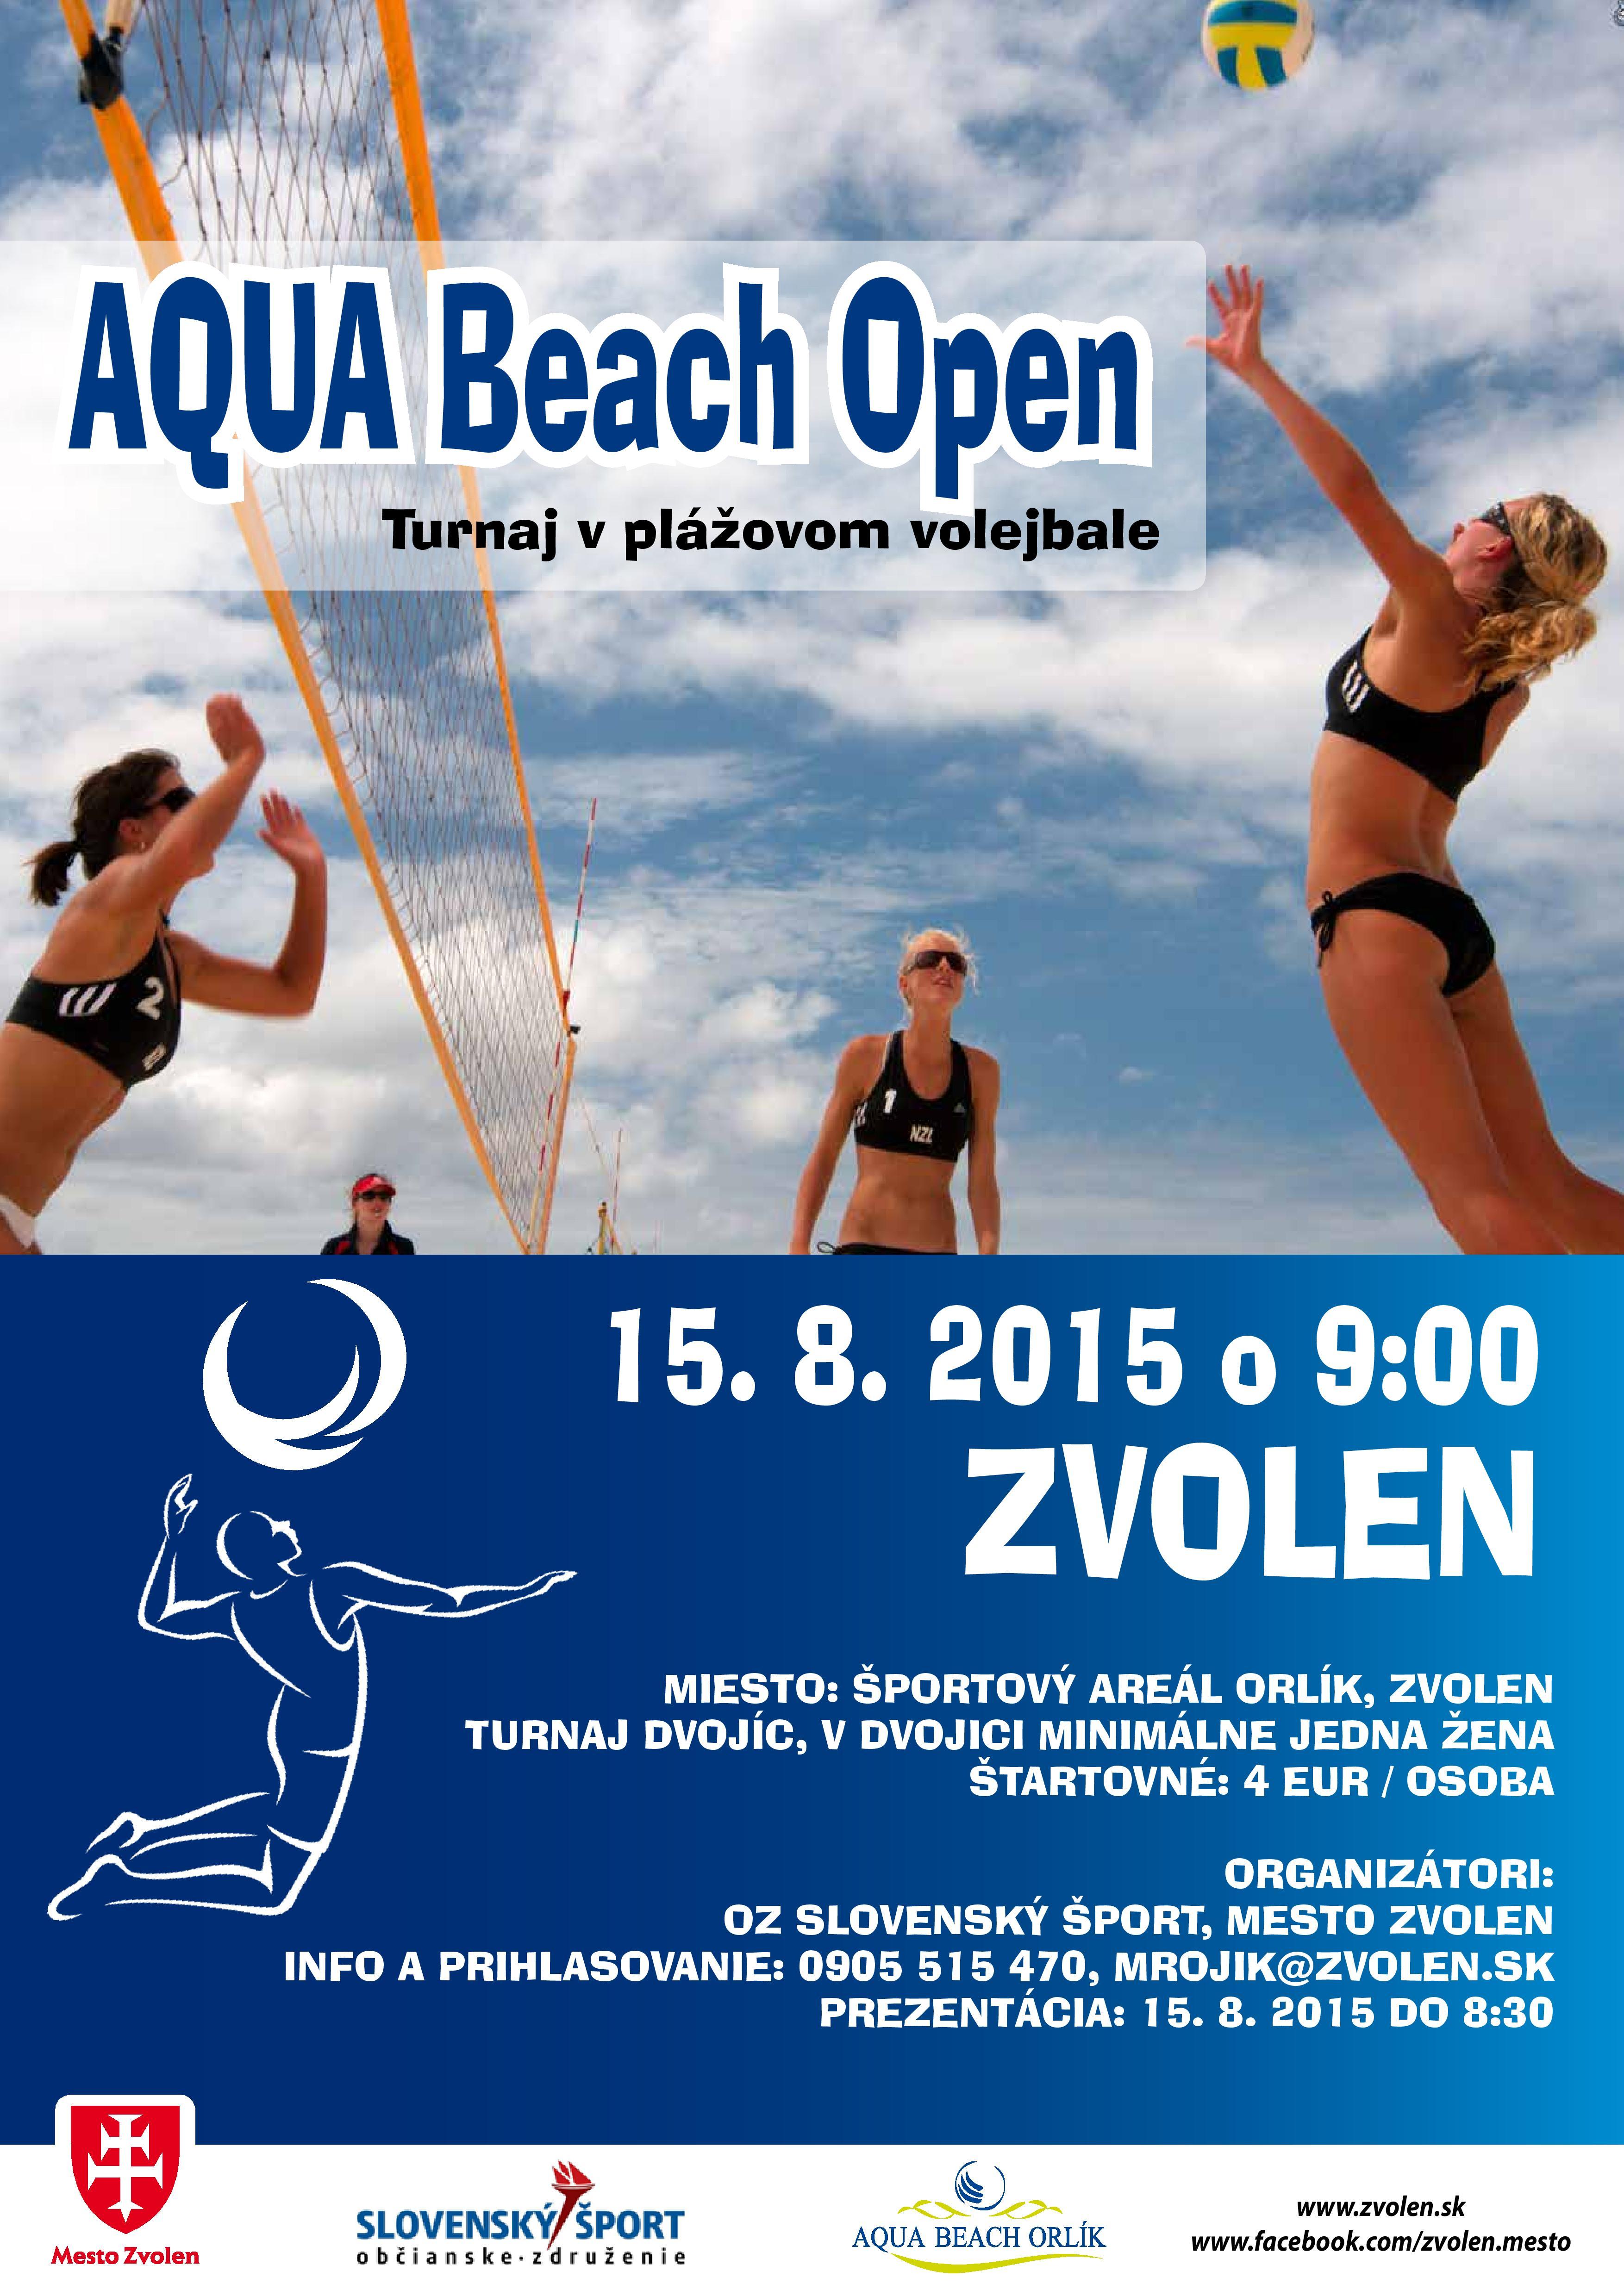 turnaj v plážovom volejbale v rámci Dňa sídliska Sekier